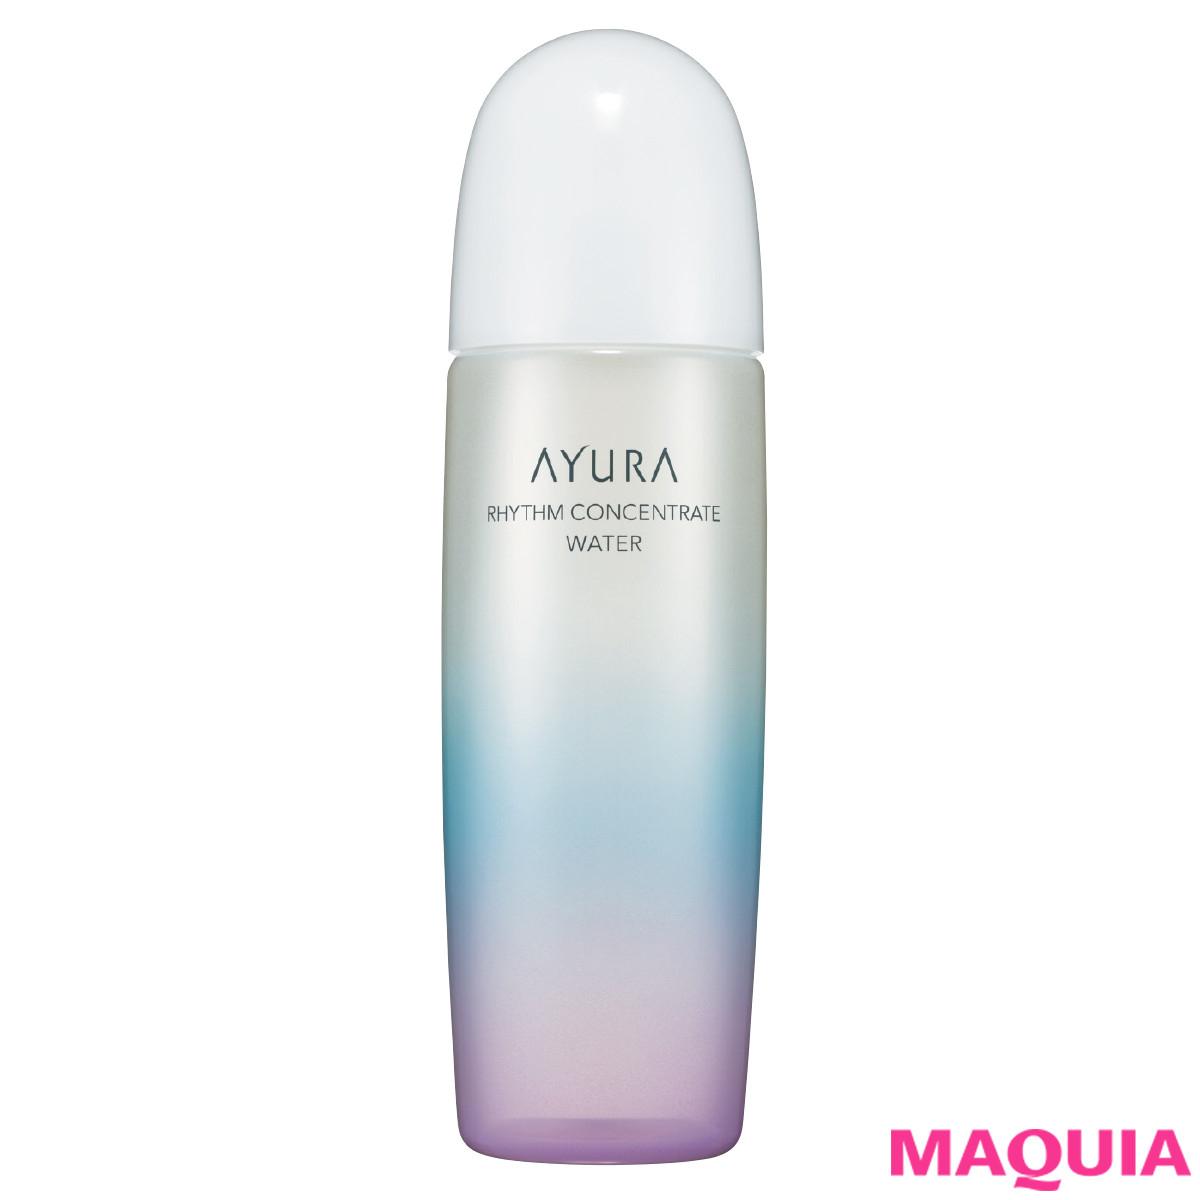 敏感&ゆらぎ肌に! 肌のゆらぎが激減したアユーラの新作化粧水お試しレポ